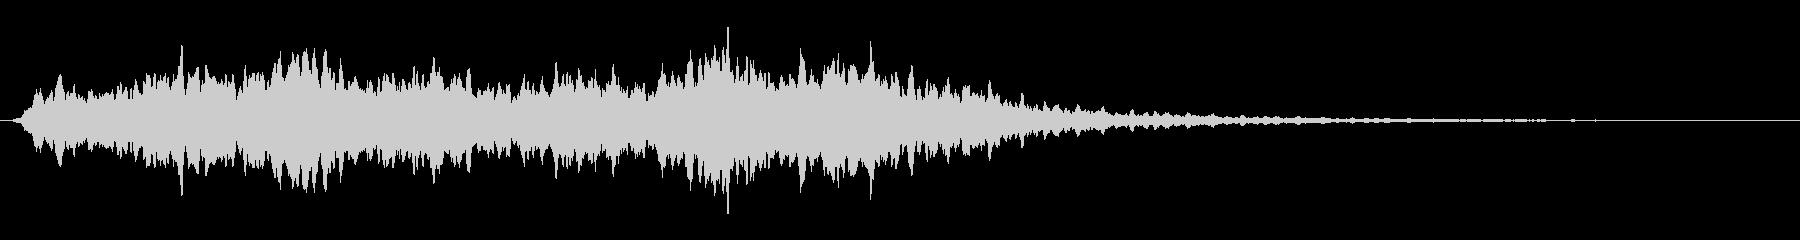 パッド エアリー合唱団03の未再生の波形